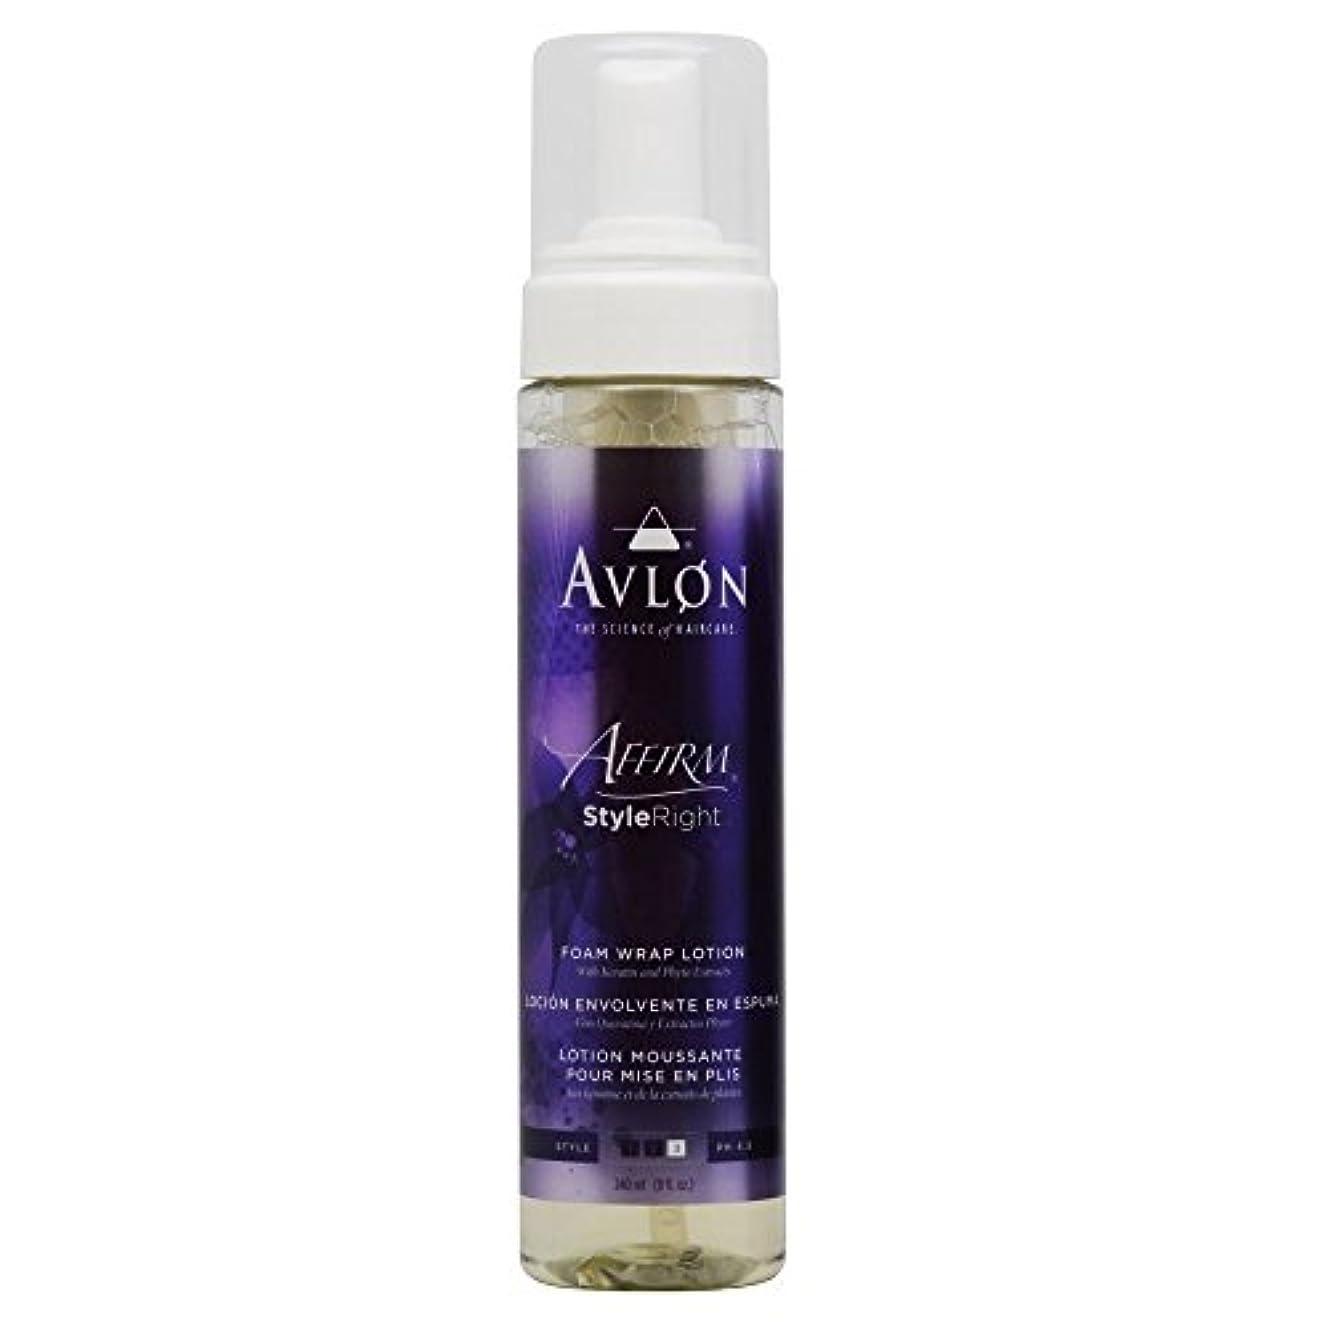 雑品酸化するレイAvlon Hair Care アバロンアファームStyleRight泡ラップ8オンスのローション